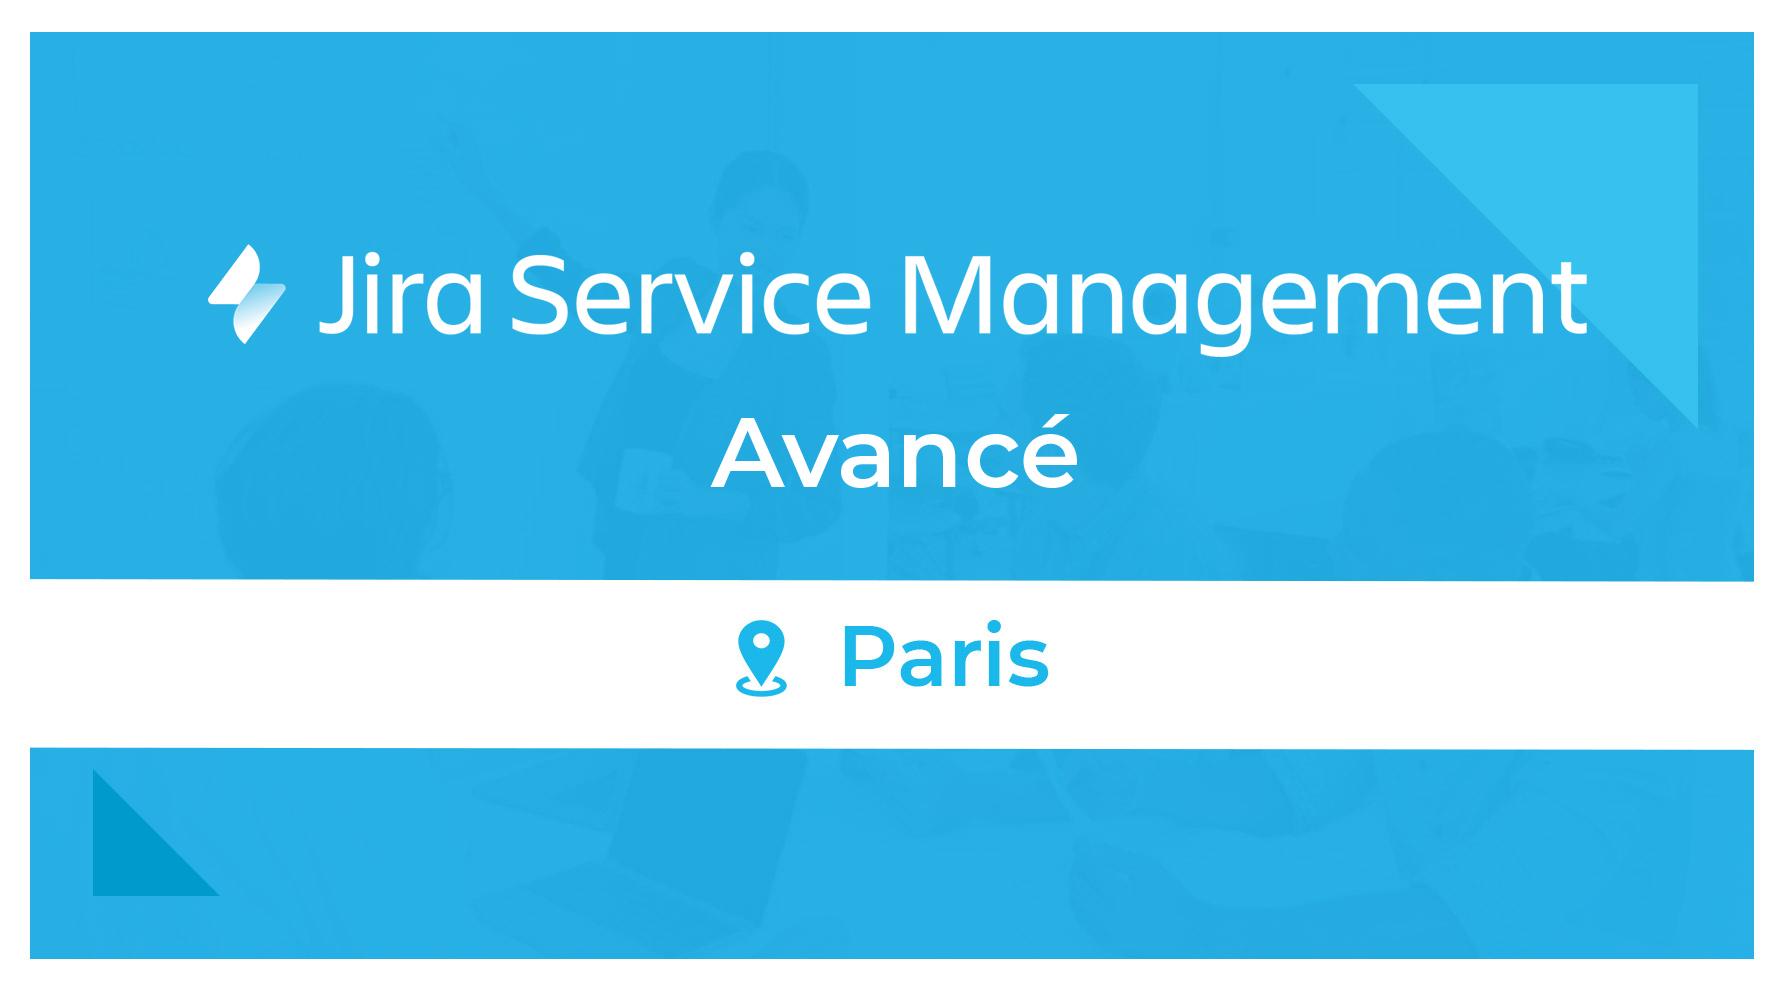 Formation Jira Service Management Avancé Paris